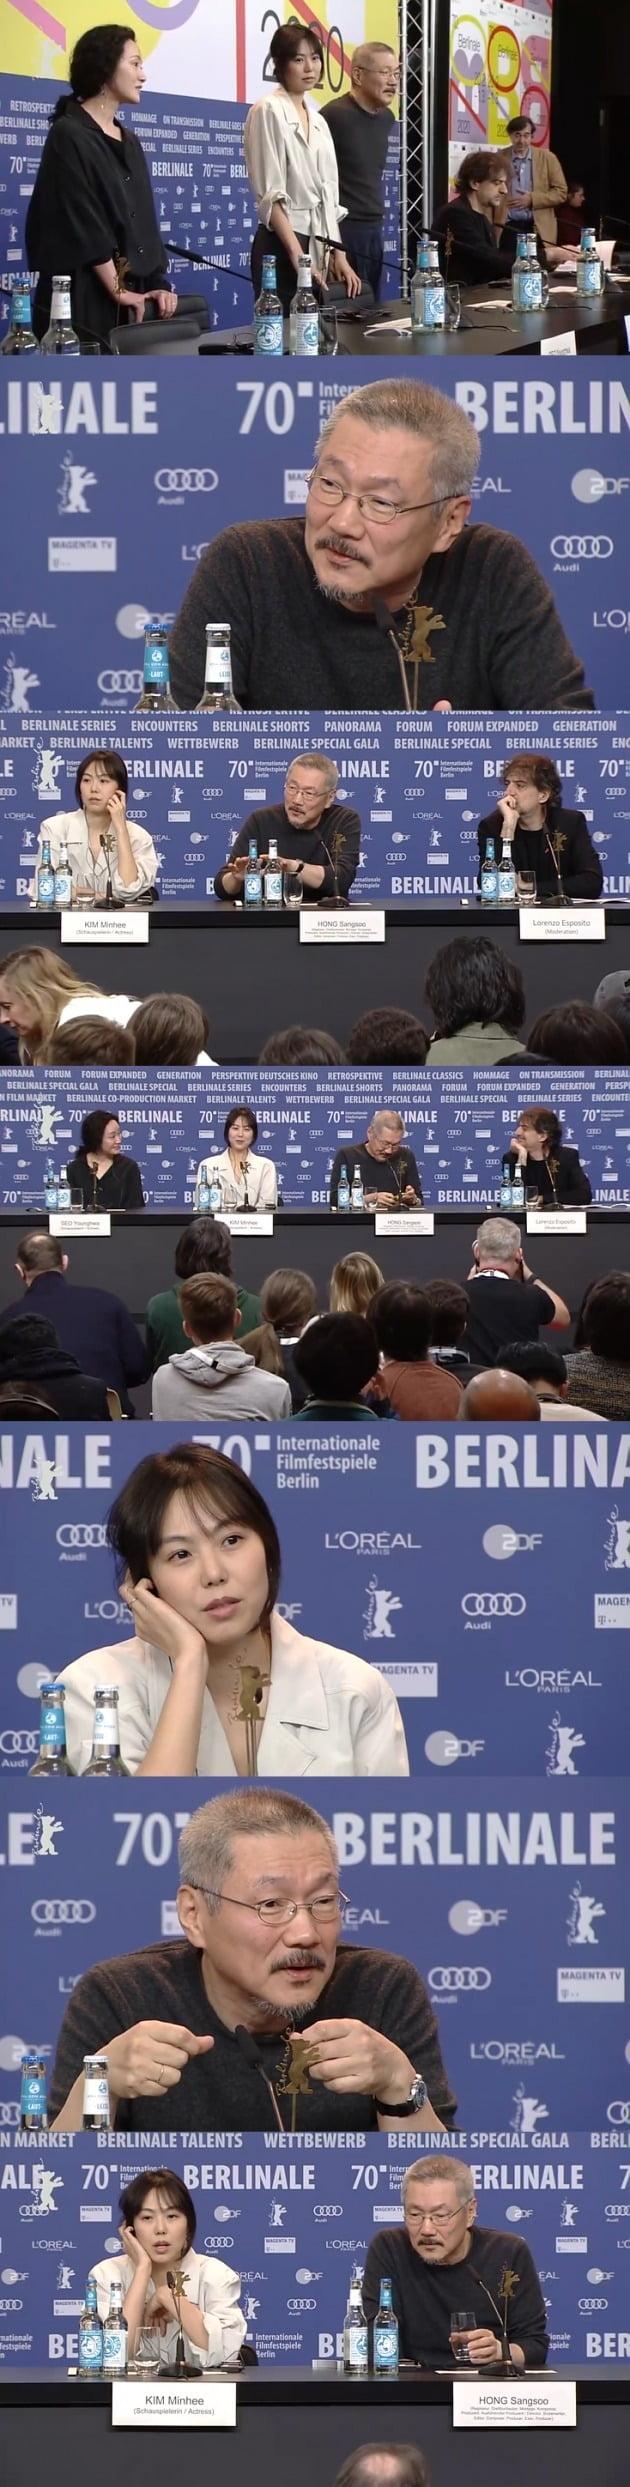 홍상수 감독과 배우 김민희, 서영화가 지난 25일(현지시간) 베를린영화제에서 열린 영화 '도망친 여자'의 공식 포토콜과 기자회견에 참석했다.